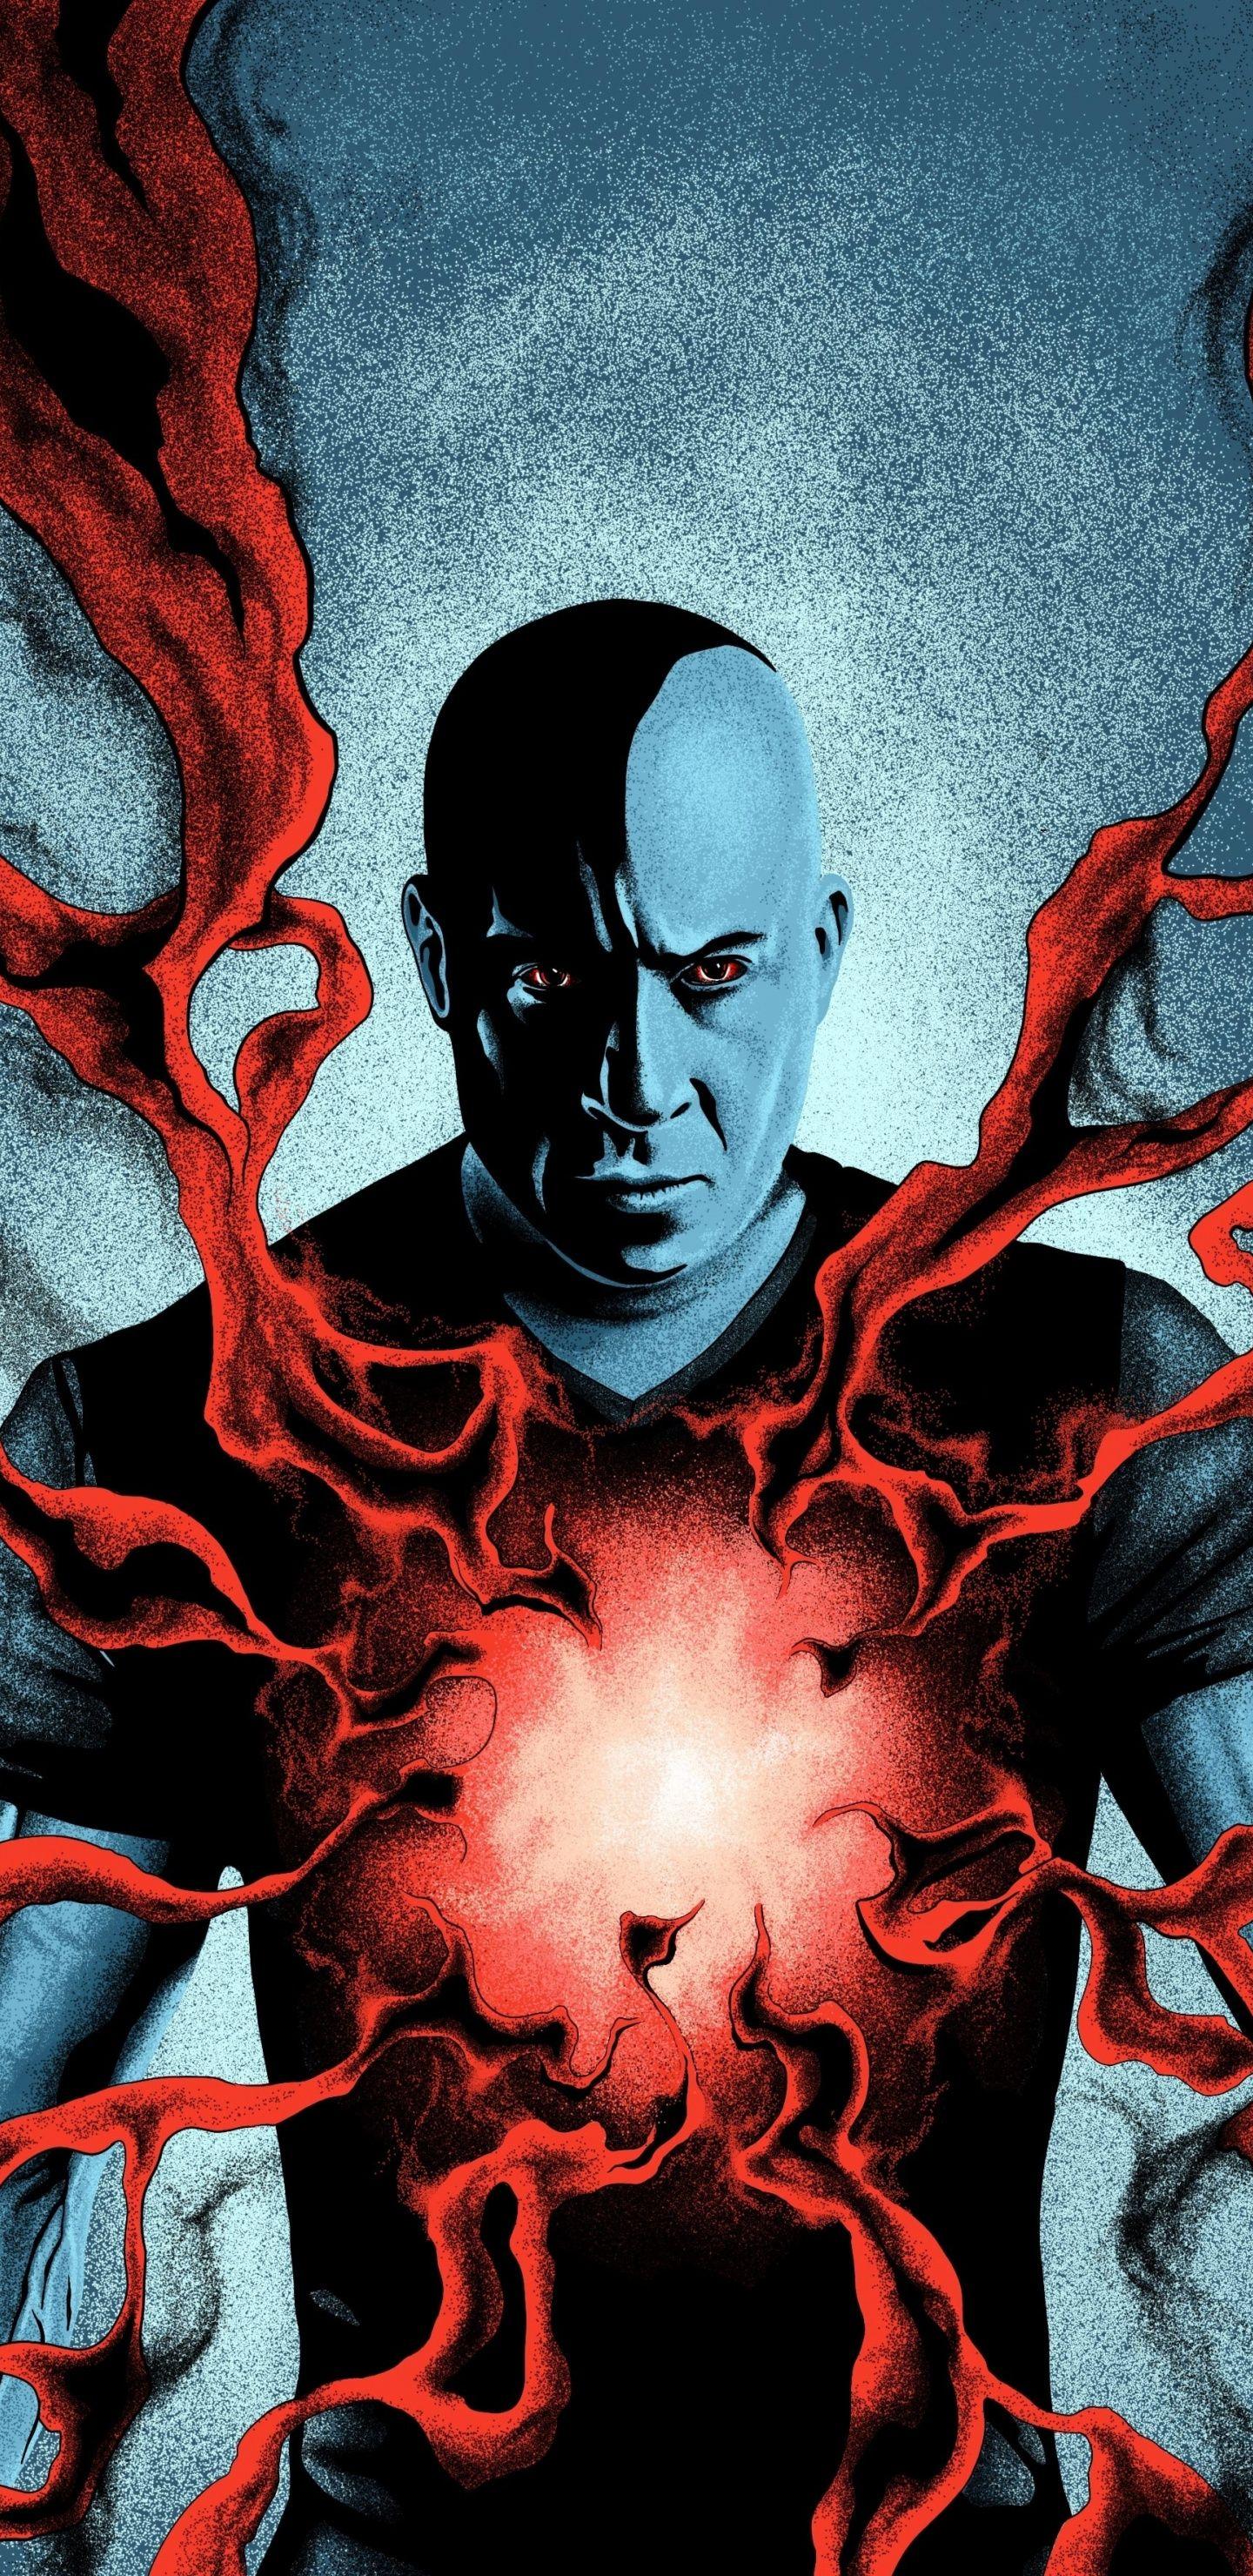 1440x2960 Vin Diesel Bloodshot 2020 Movie Art Wallpaper In 2020 Movie Art Art Movie Wallpapers